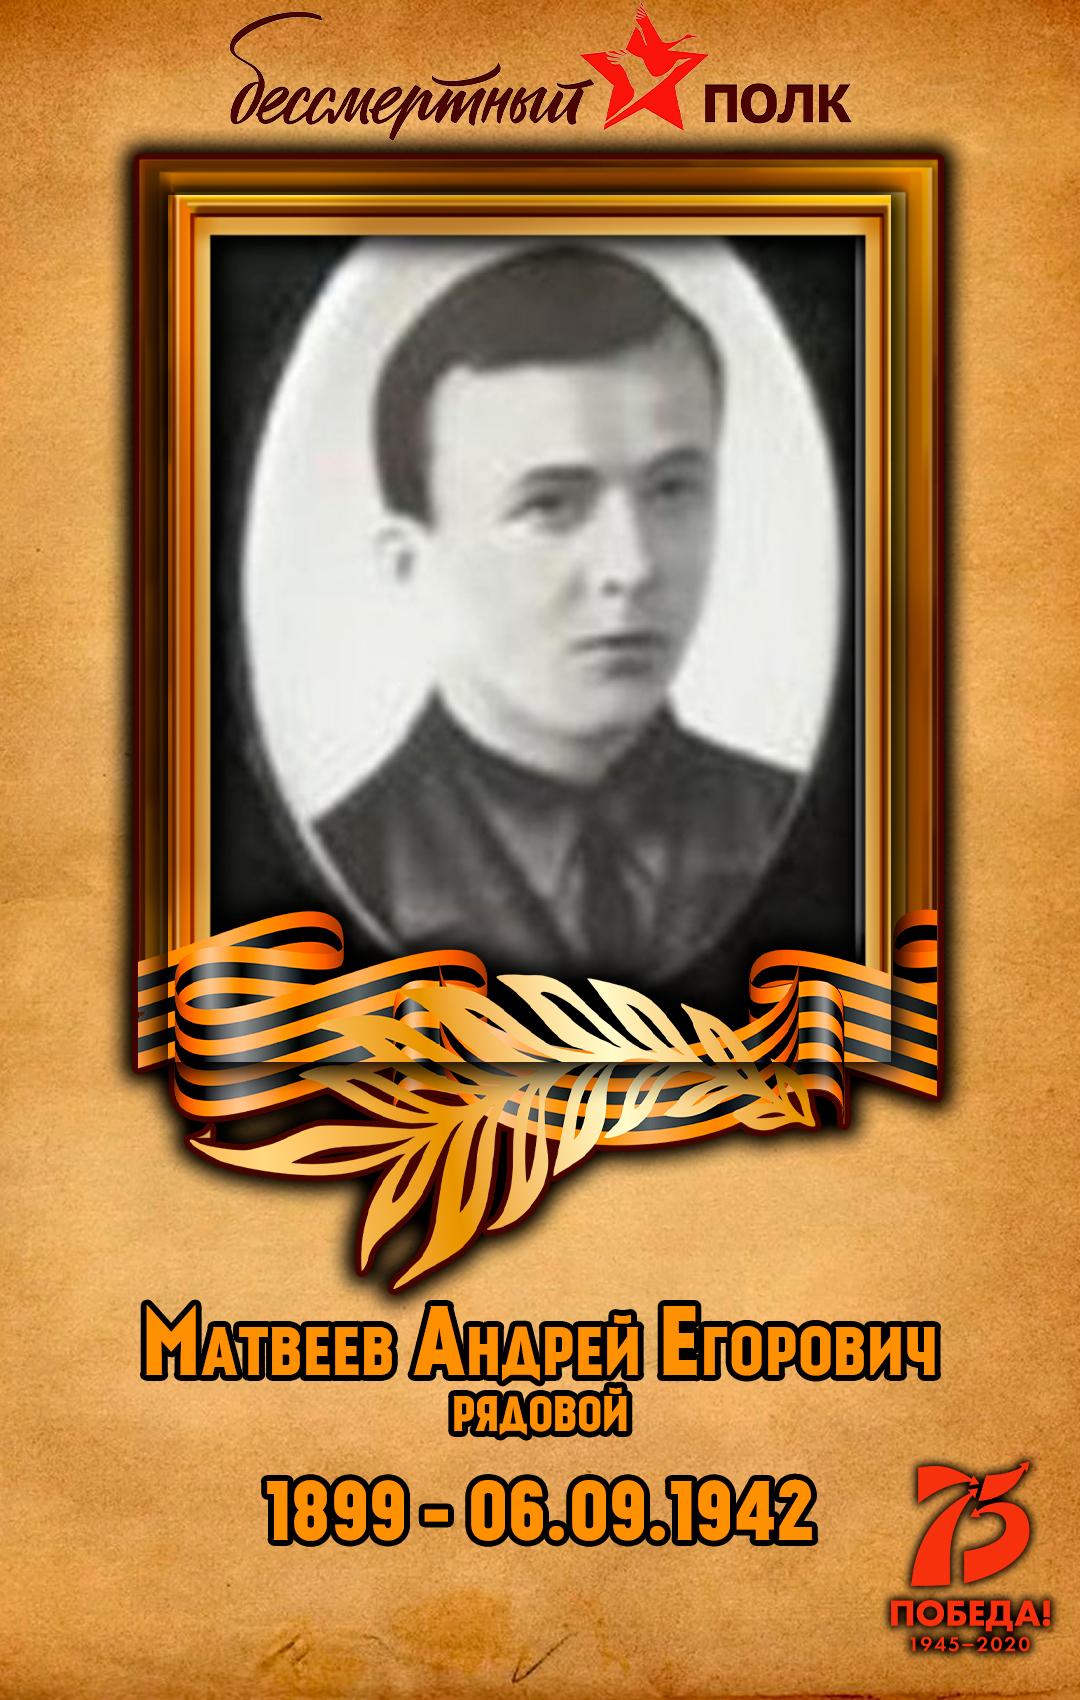 Матвеев-Андрей-Егорович